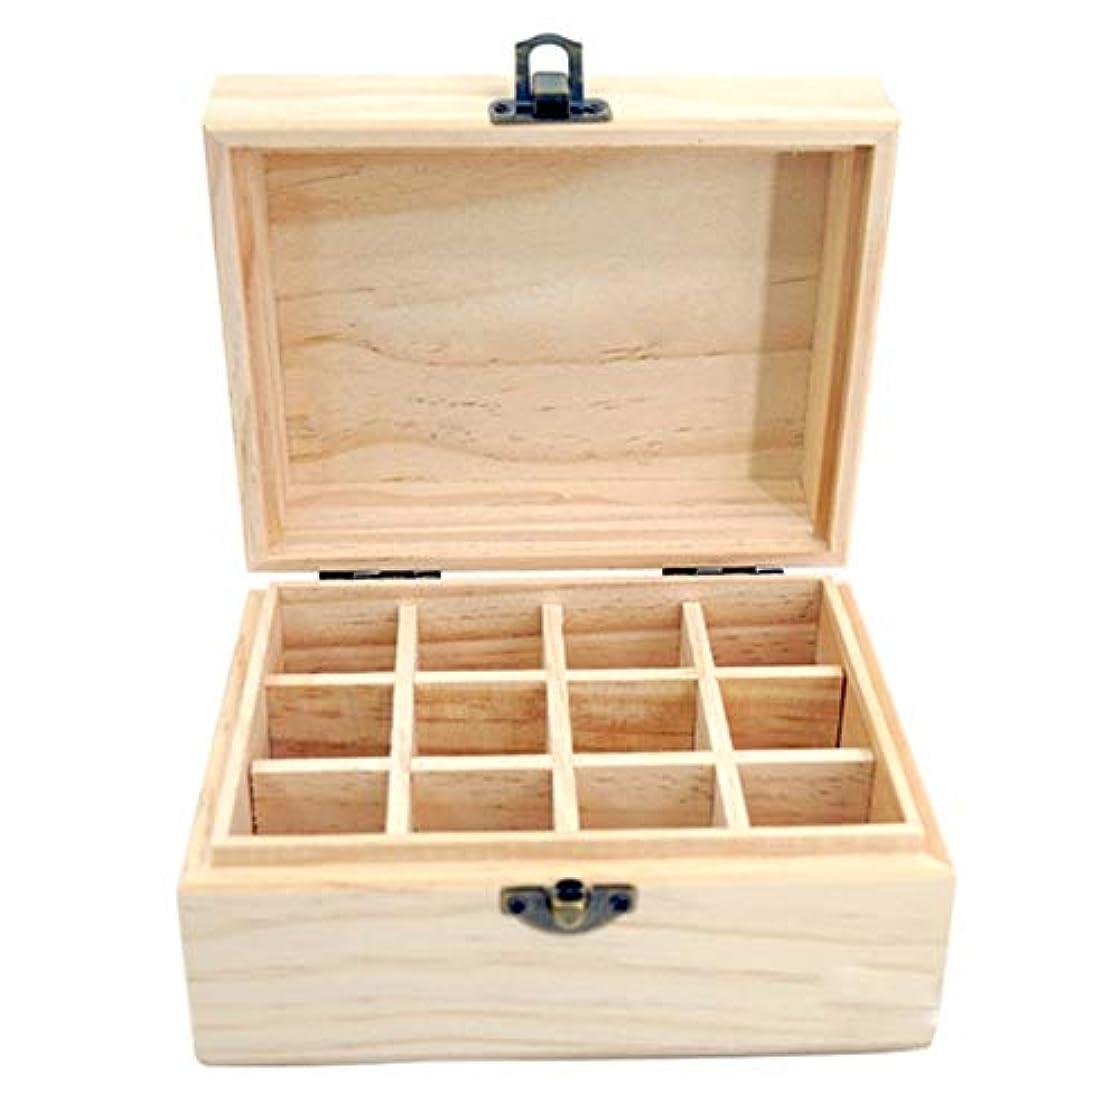 復讐ベジタリアン運命的なアロマセラピー収納ボックス 12スロットは、あなたが油木製収納ボックスのオイルのセキュリティを保護することができます エッセンシャルオイル収納ボックス (色 : Natural, サイズ : 15X11.5X8CM)